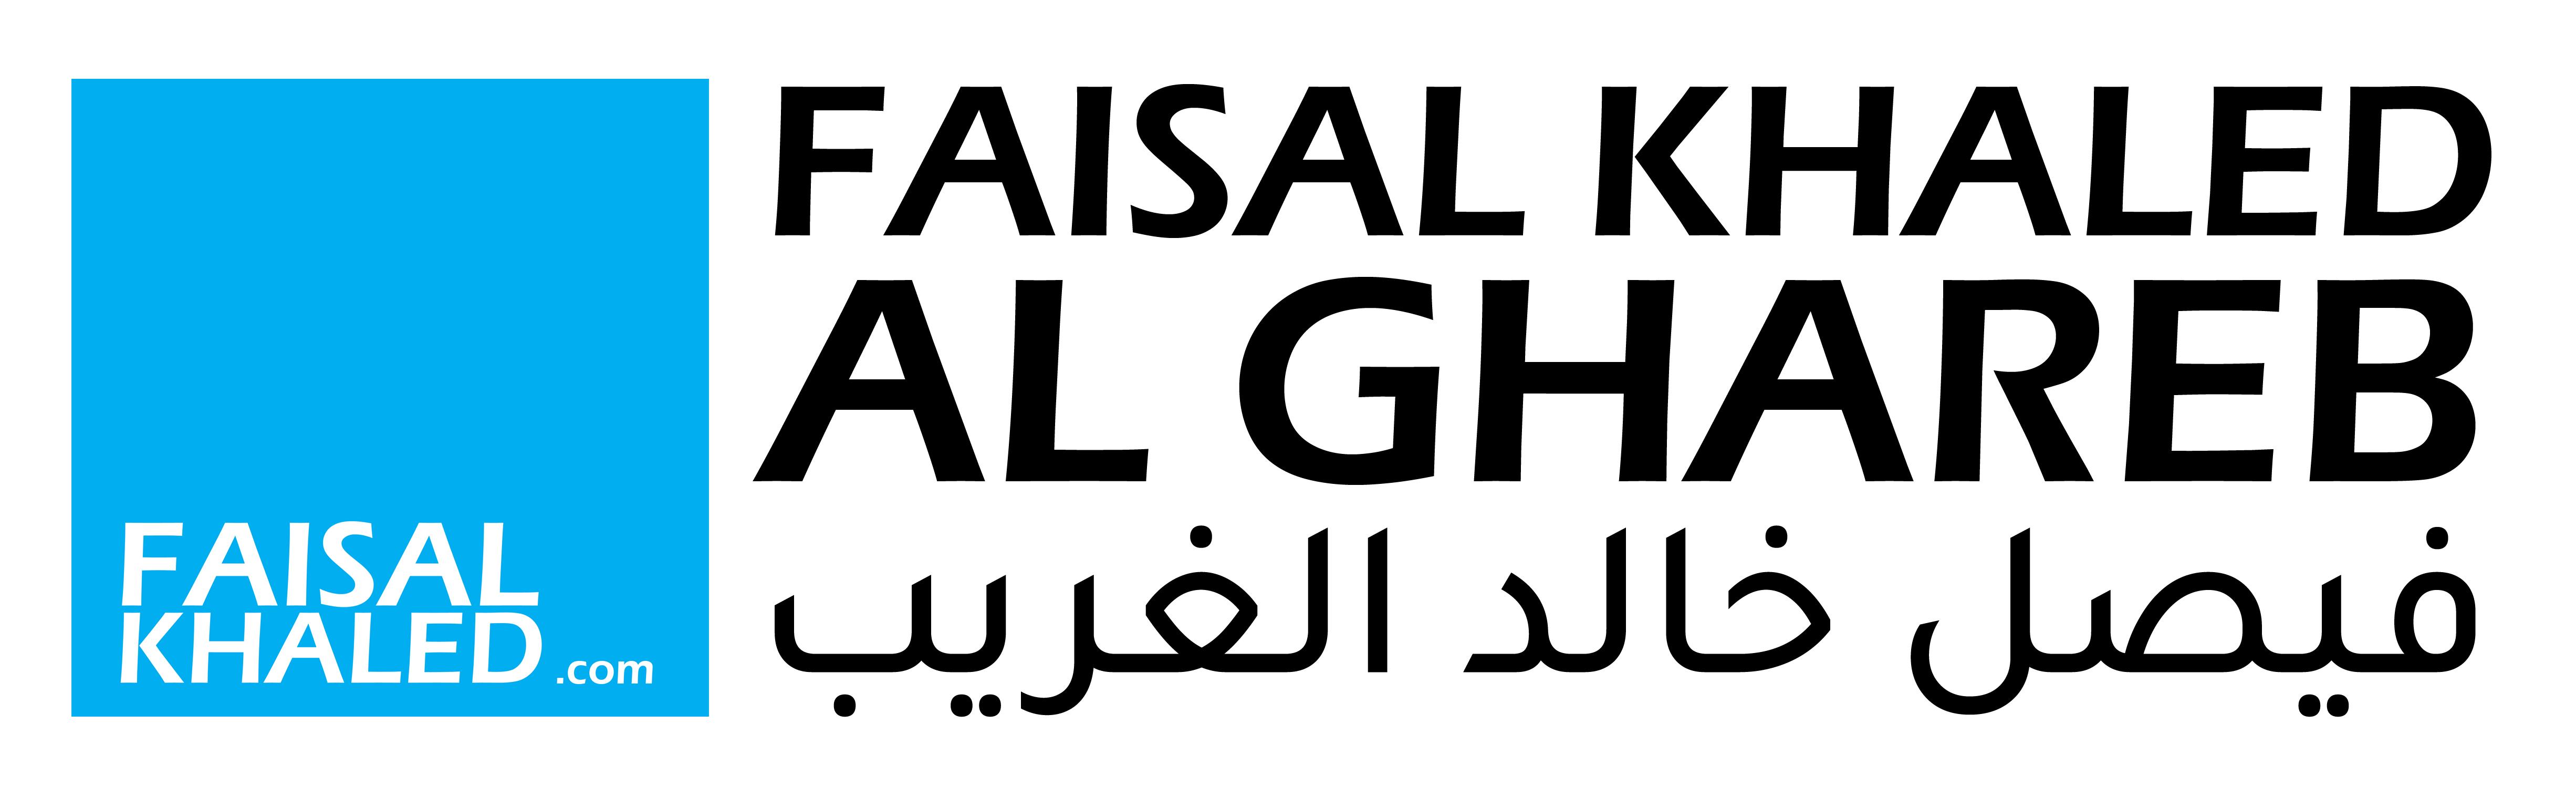 تفاوت العقول المستشار فيصل خالد الغريب